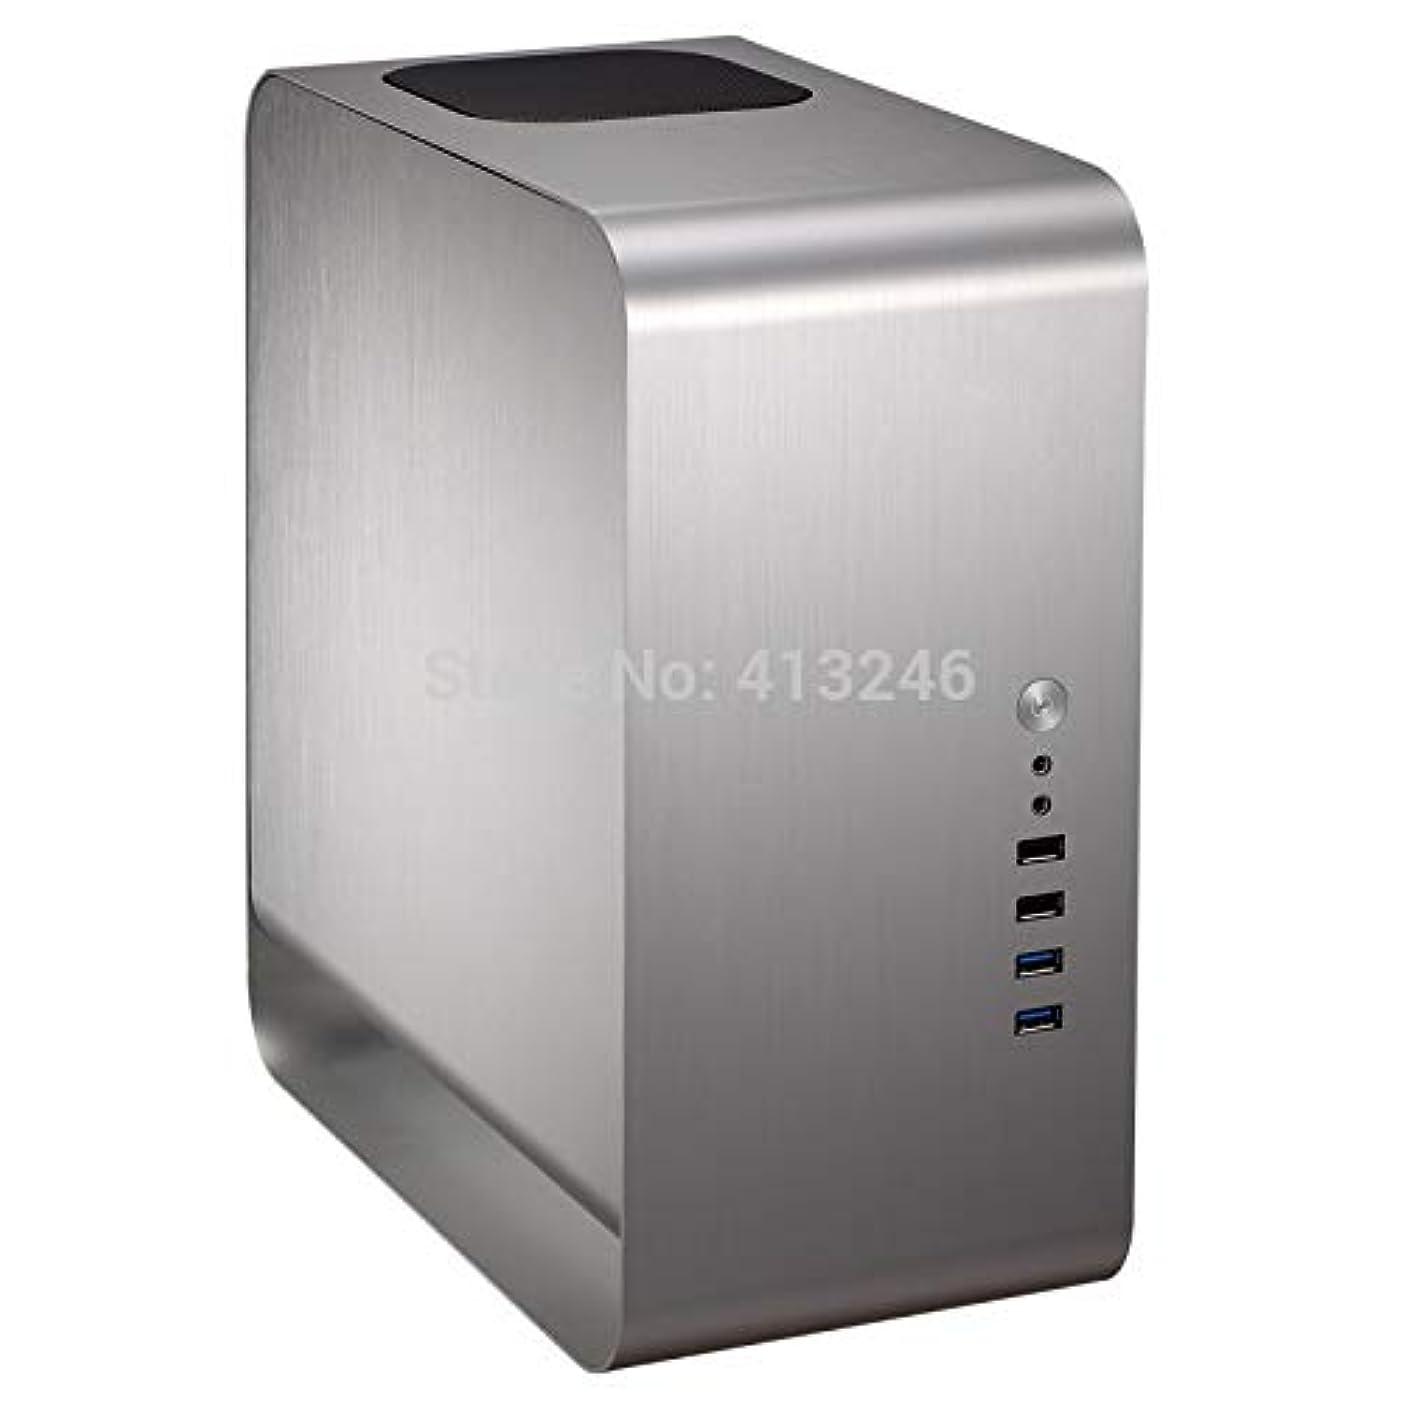 公園第二に進むjinshuyu システムキャビネット デスクトップ アルミニウムケース ミニ ITX htpc アルミニウム コンピューターケース usb3.0 ミュートサポート ビデオカード